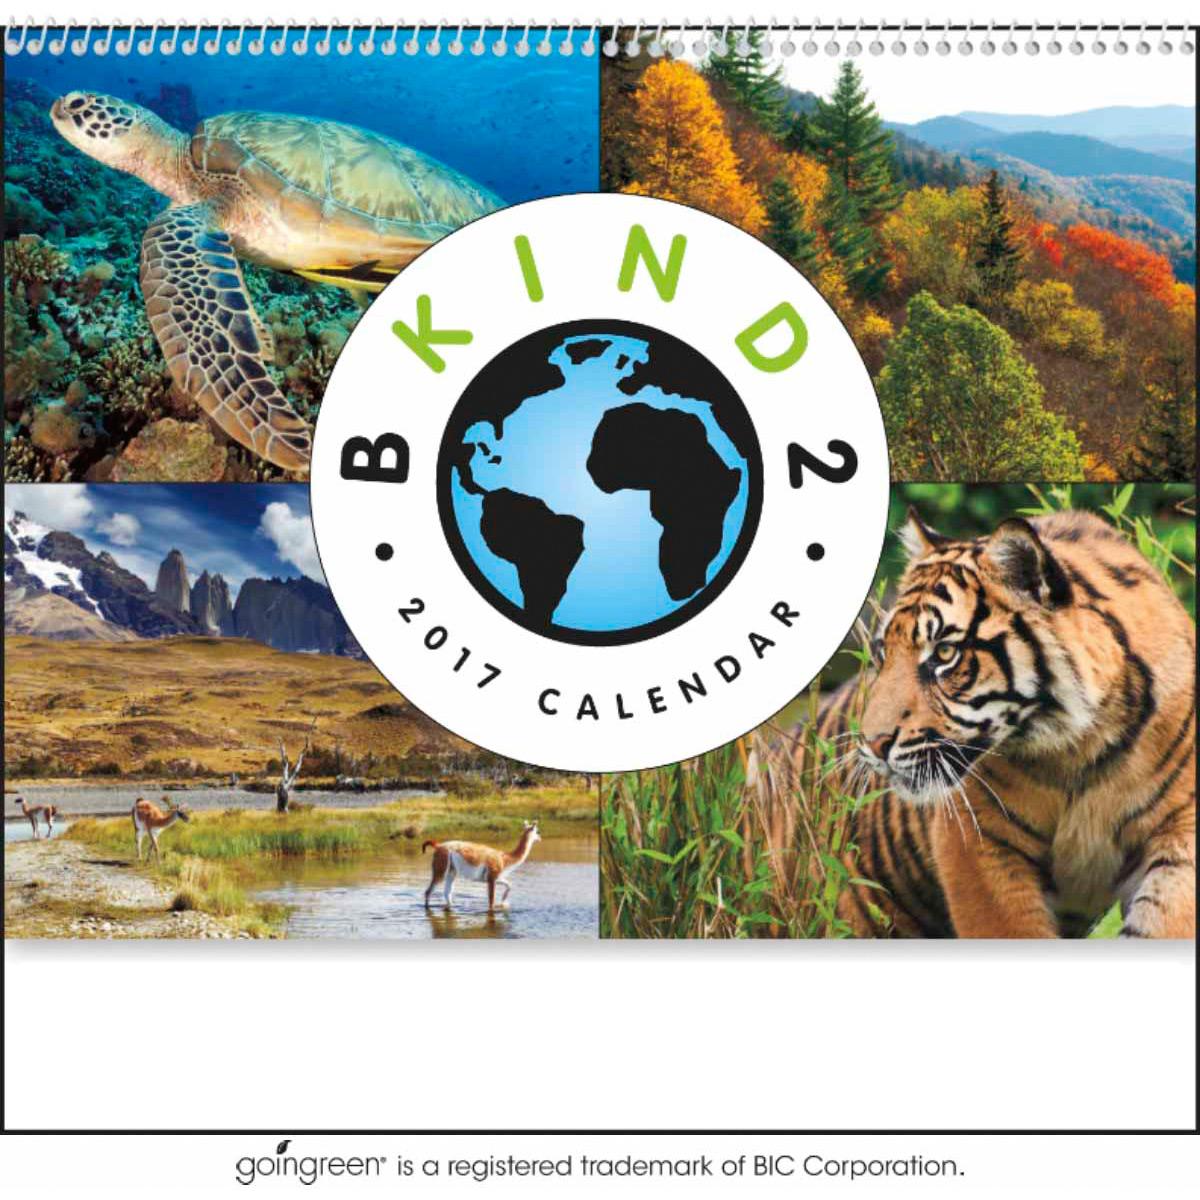 B Kind 2 Earth Calendars (2017)